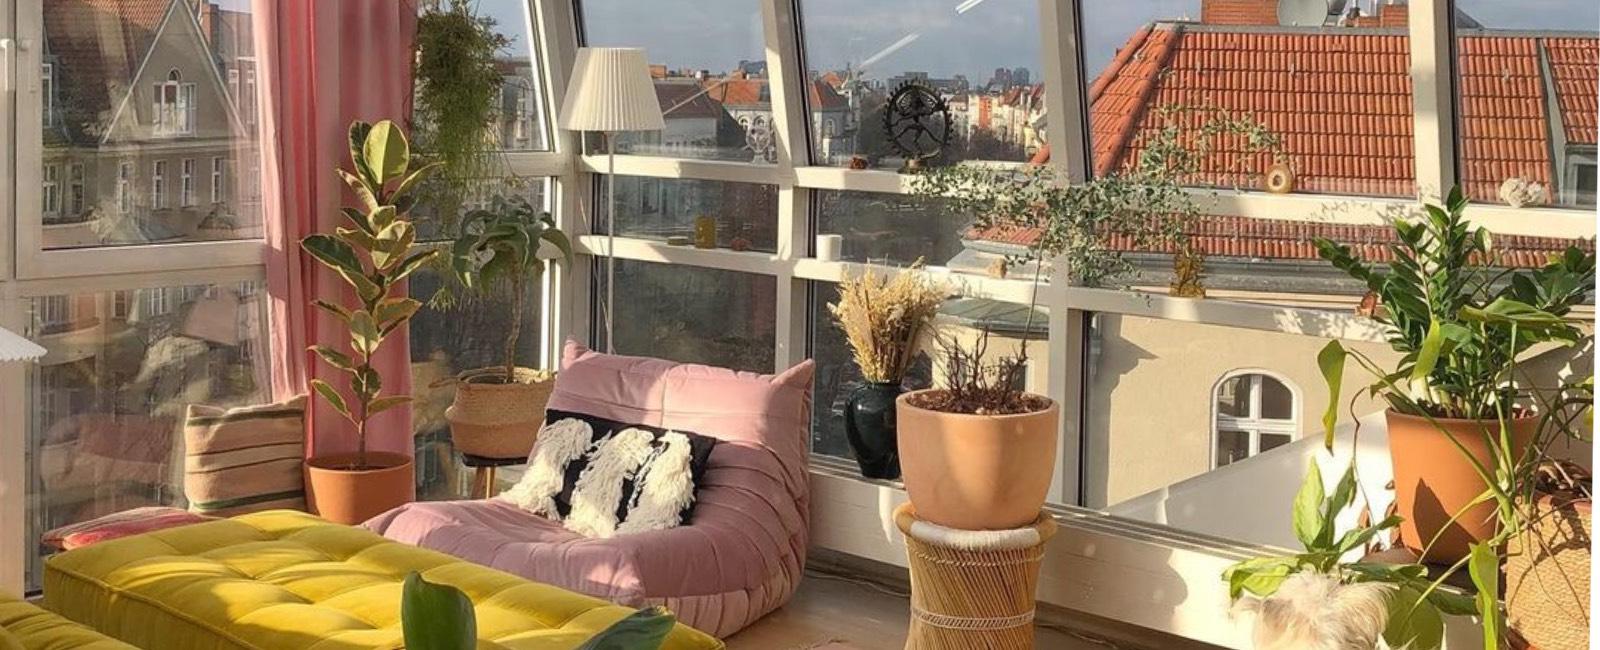 casa-con-vista:-10-alloggi-su-instagram-con-panorami-mozzafiato